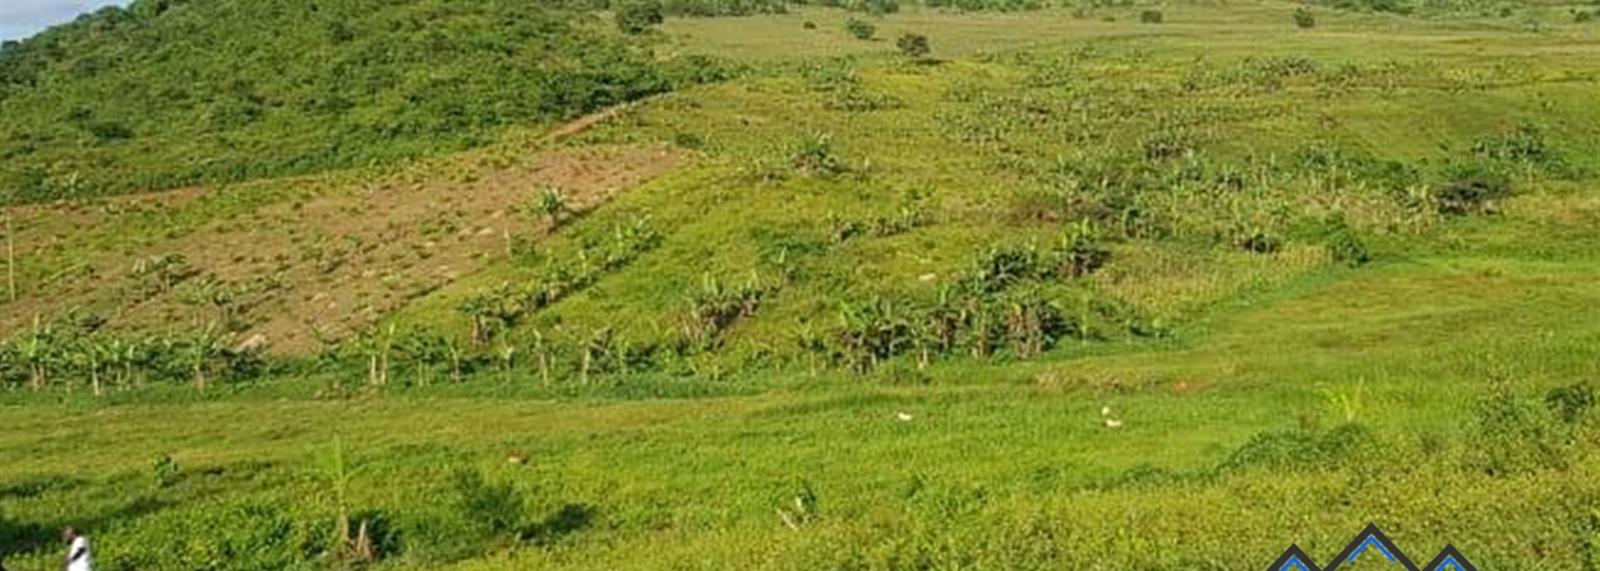 Kiganda